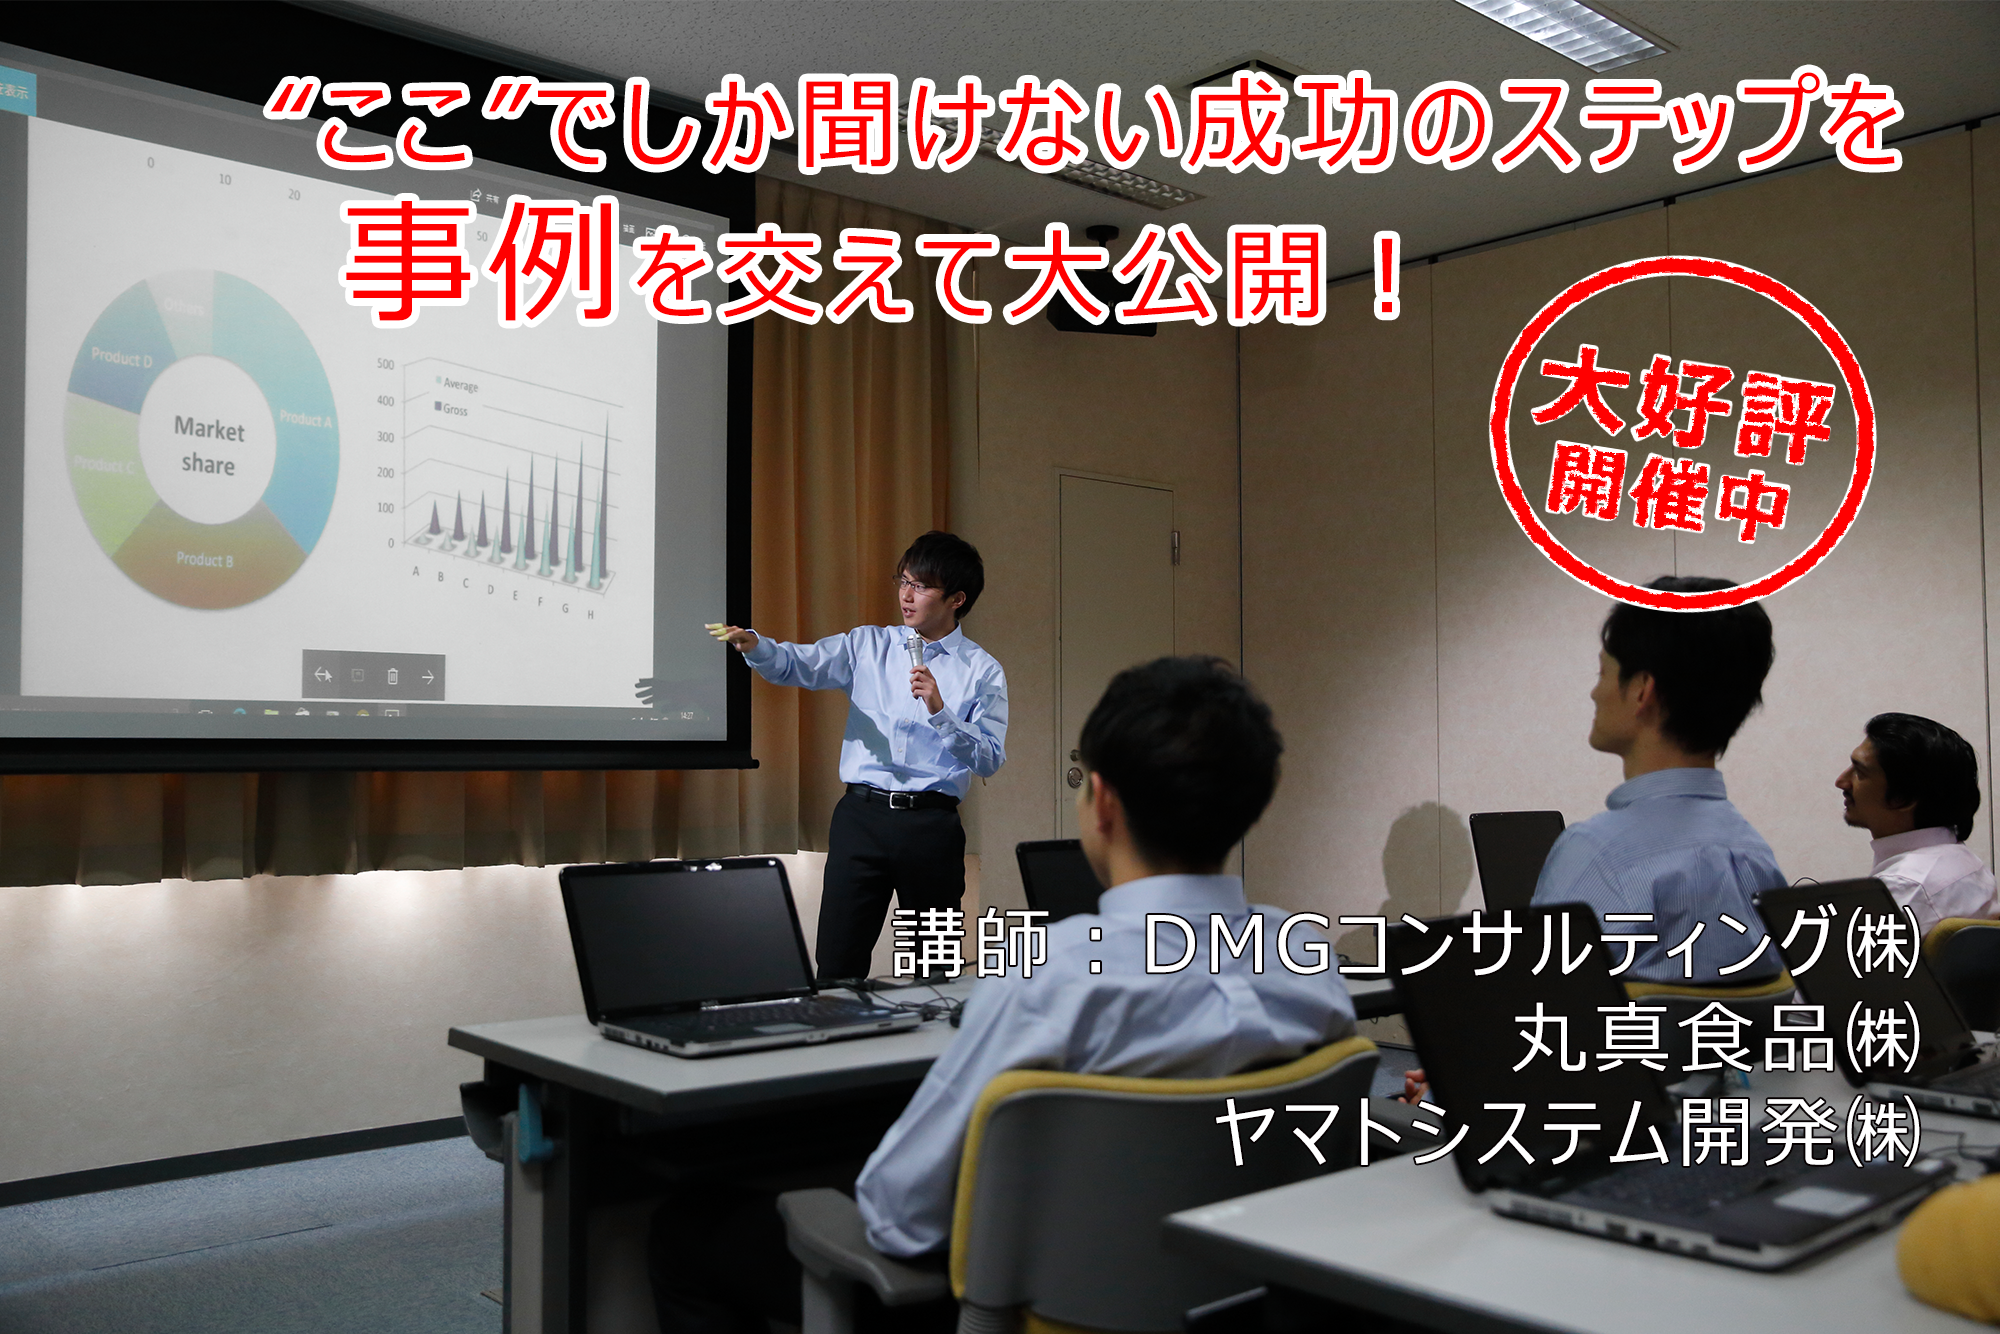 メーカー通販の最新動向と成功のポイントセミナー in 横浜